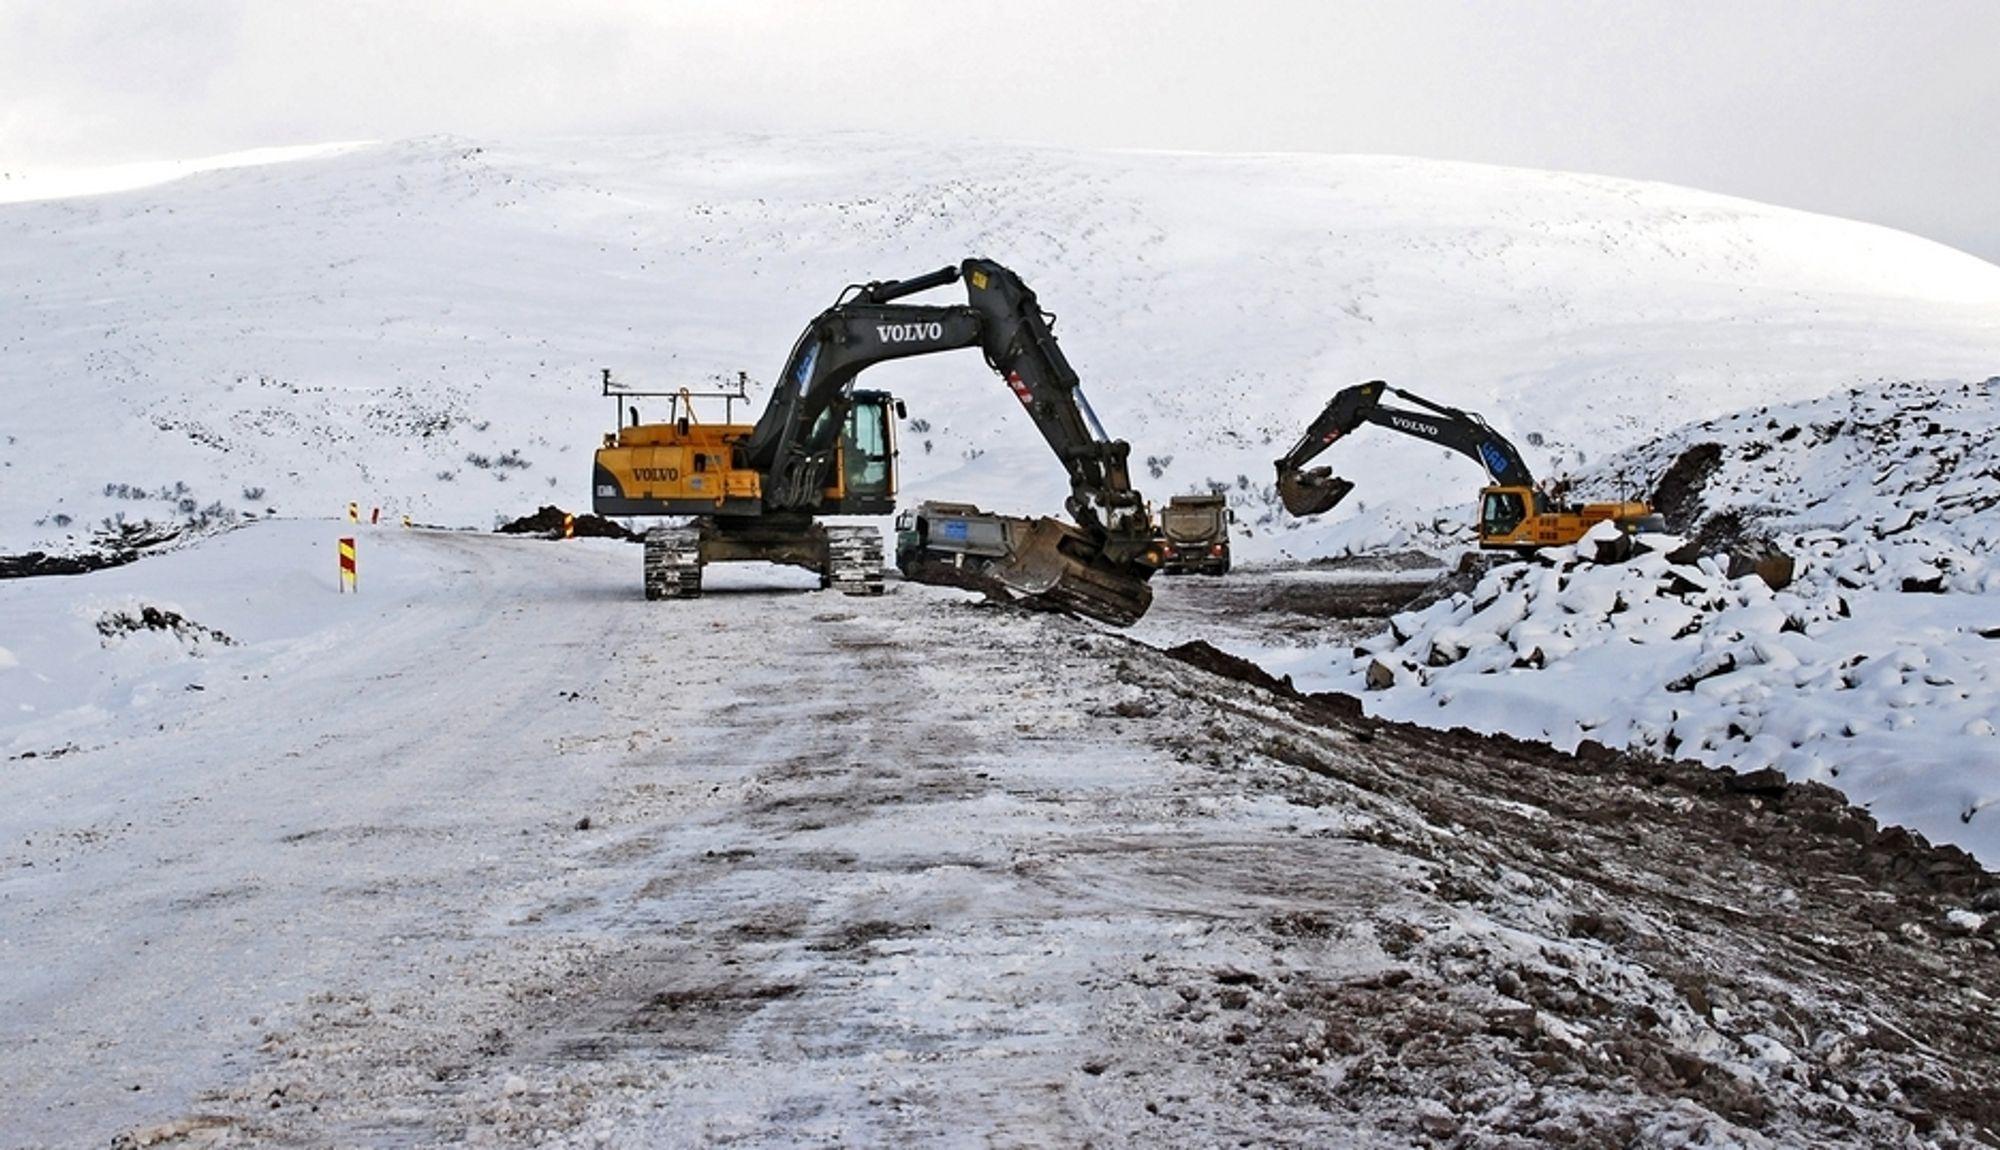 HAB Construction ligger godt an til å få sin tredje kontrakt på fylkesveg 98 over Ifjordfjellet i Finnmark.